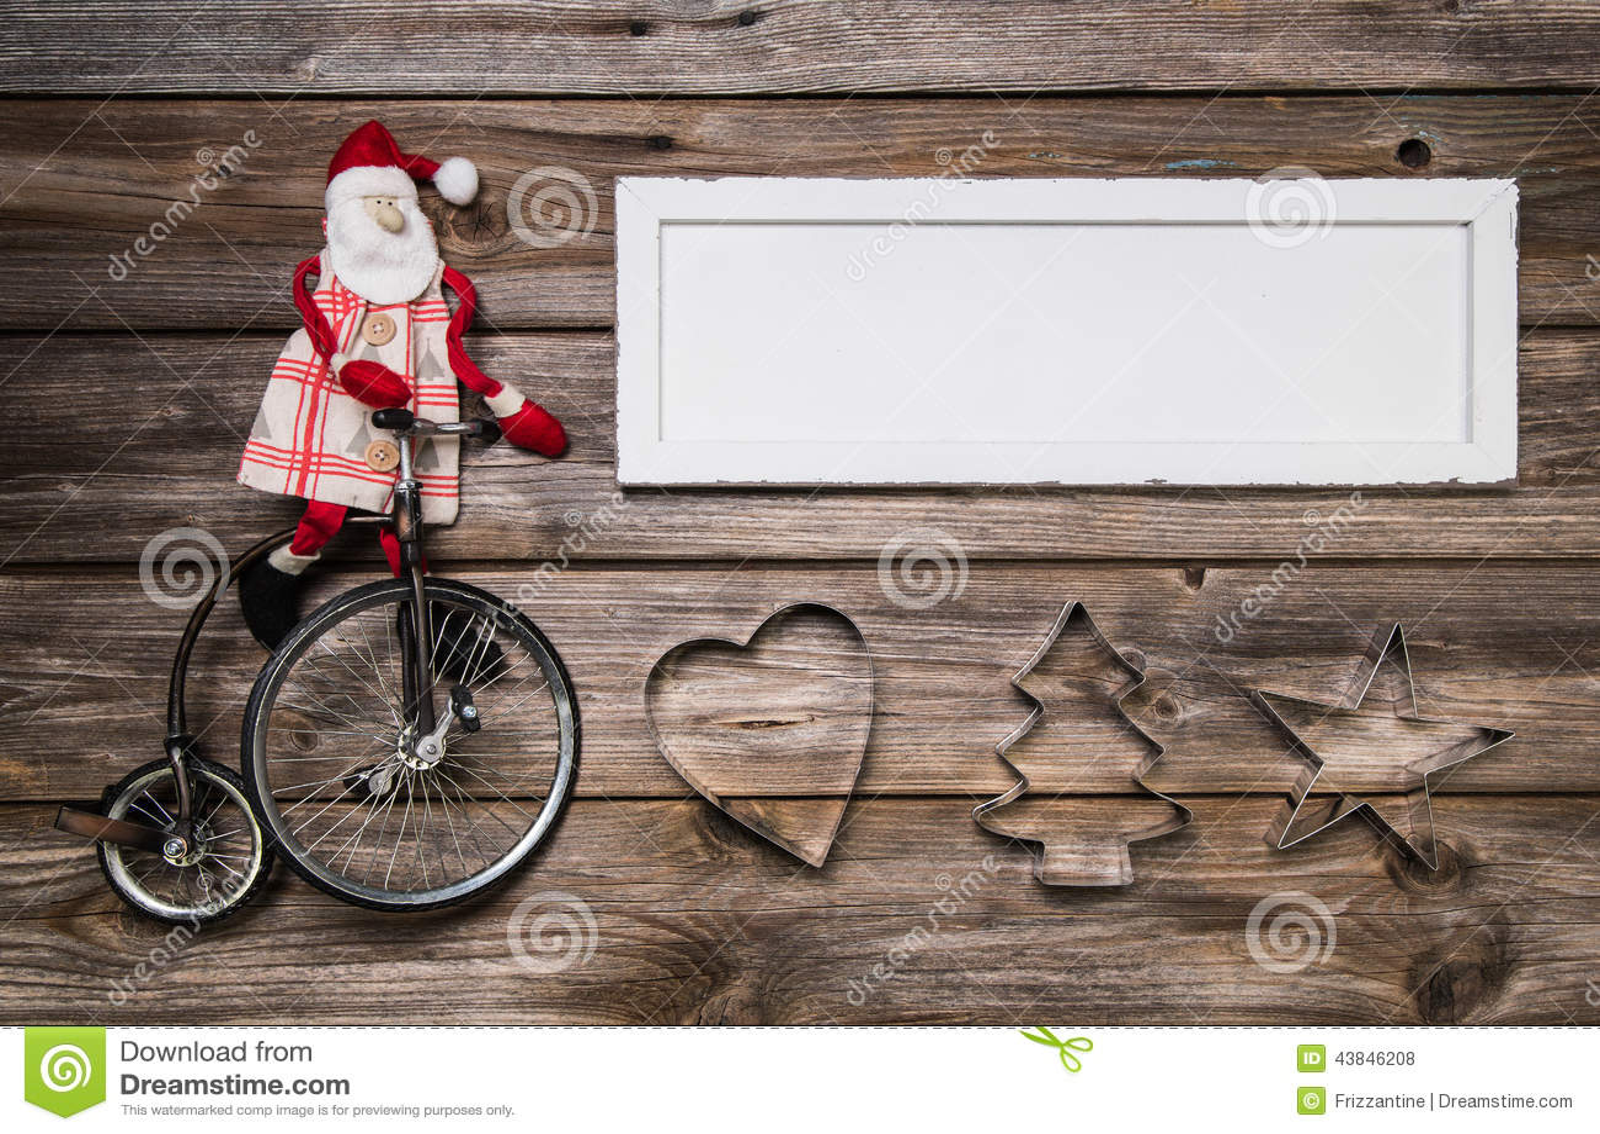 Κάρτα Χριστουγέννων ή σημάδι διαφήμισης με την κόκκινη και άσπρη διακόσμηση